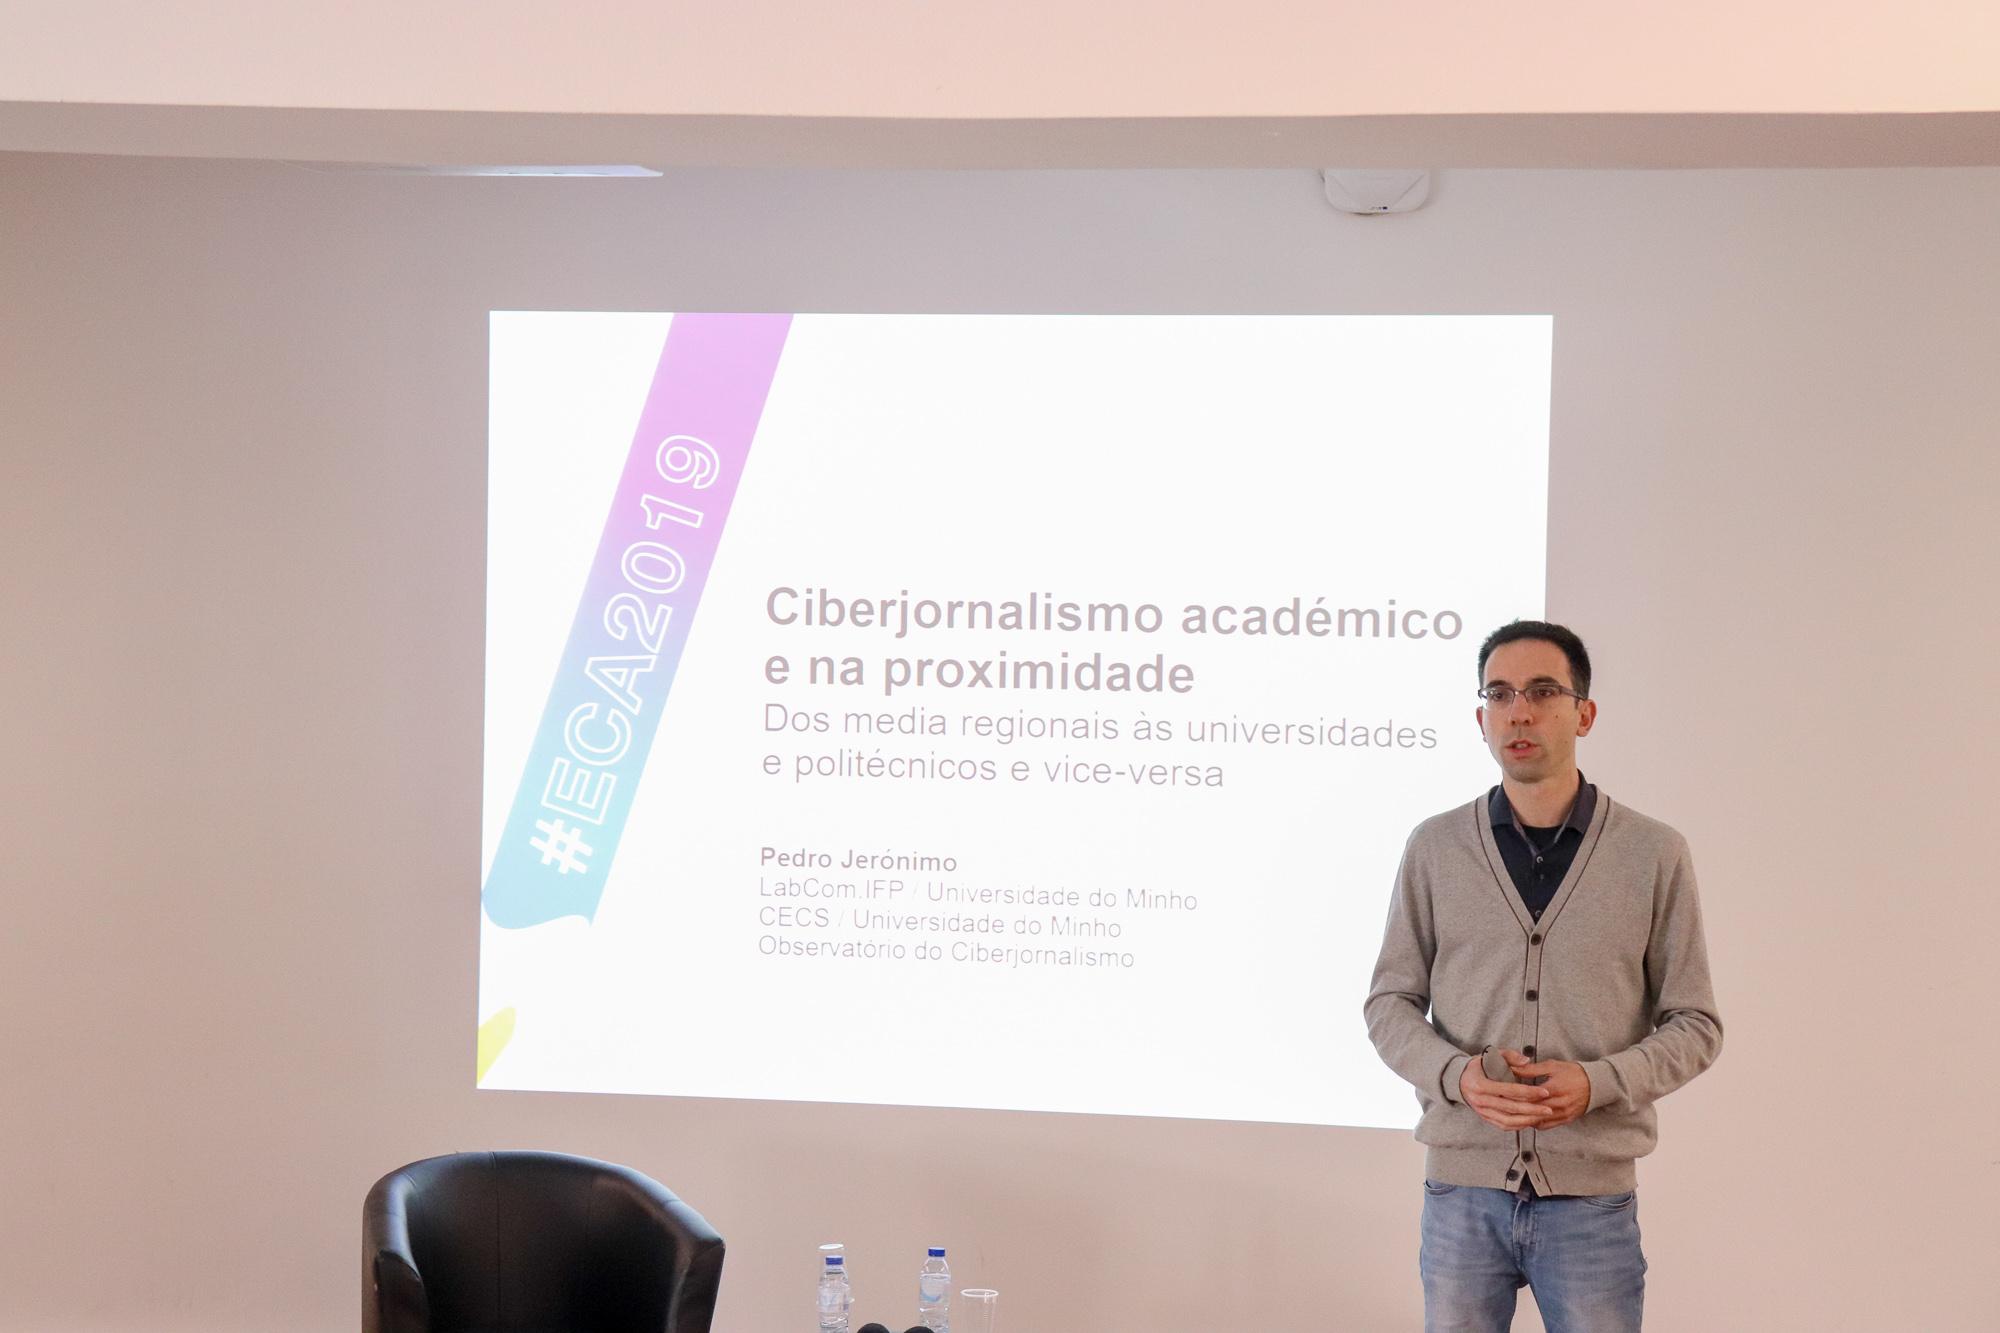 Pedro Jerónimo defende a necessidade de os cibermeios académicos trabalharem conjuntamente com os media regionais.